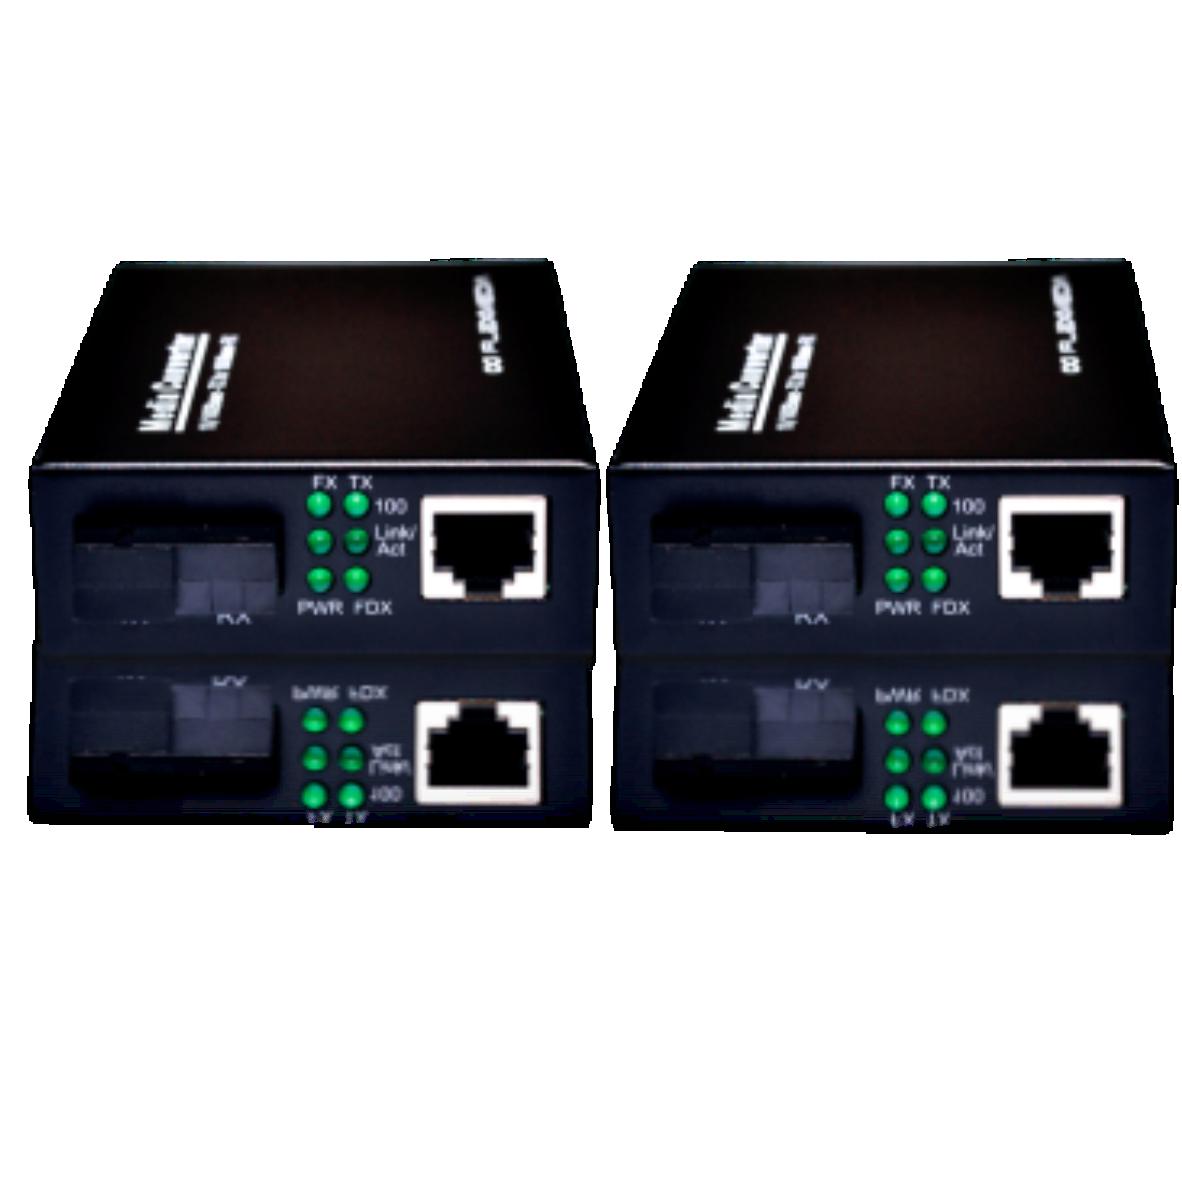 Conversor de fibra óptica ETHERNET 10/100 e 10/100/1000 – 1 ou 2 fibras